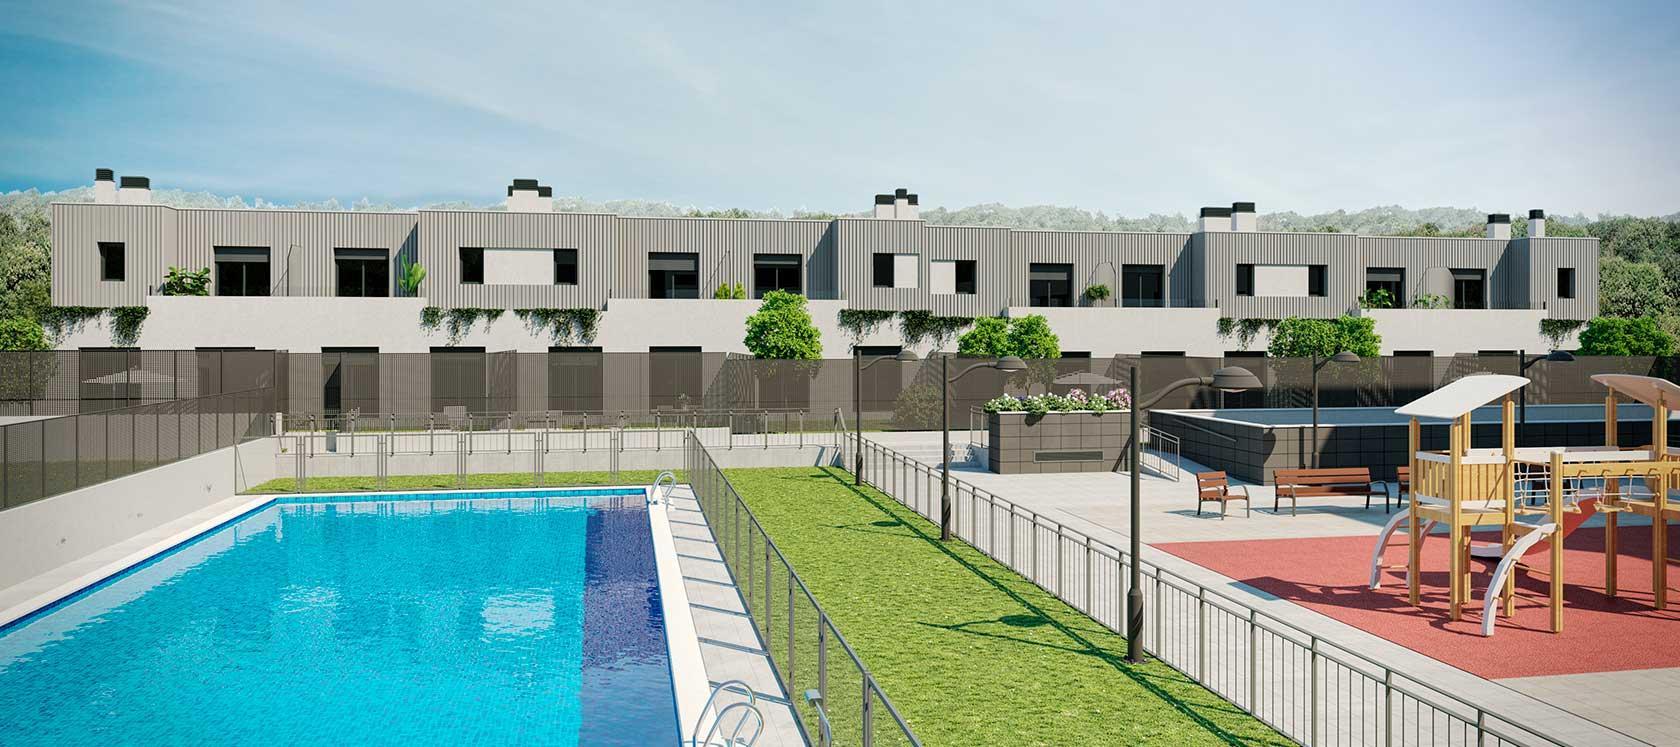 Pisos de obra nueva en Valladolid | Promoción Célere El Peral Áreas comunes